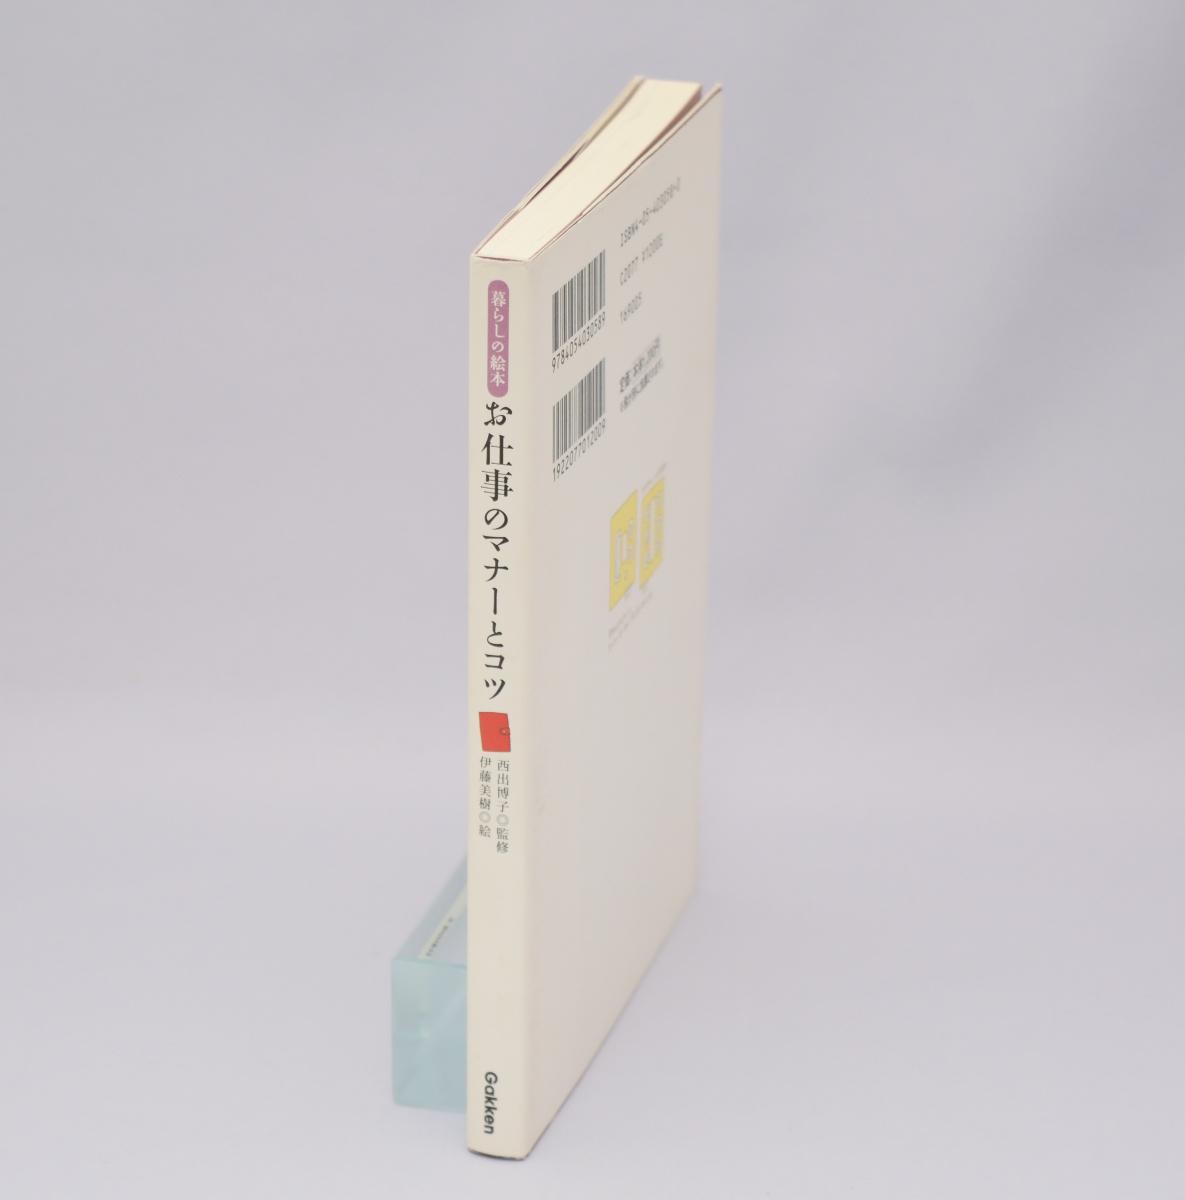 暮らしの絵本 お仕事のマナーとコツ 西出博子/伊藤美樹 学習研究社 2006年_画像2